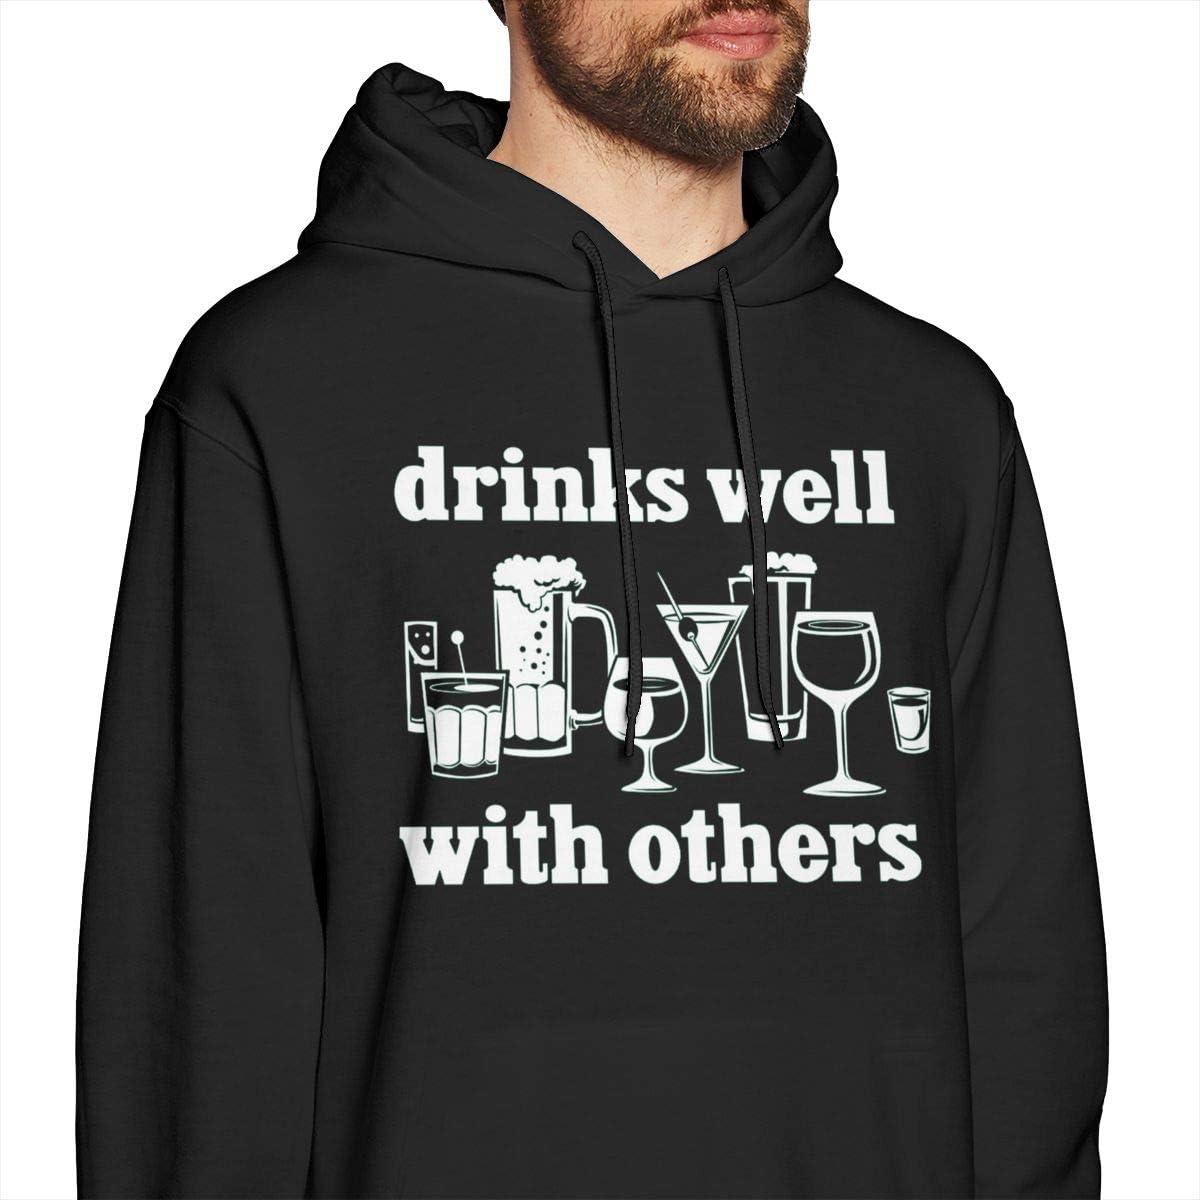 Marsherun Men Print Drinks Well with Others Pullover Fleece Hoodie Sweatshirt